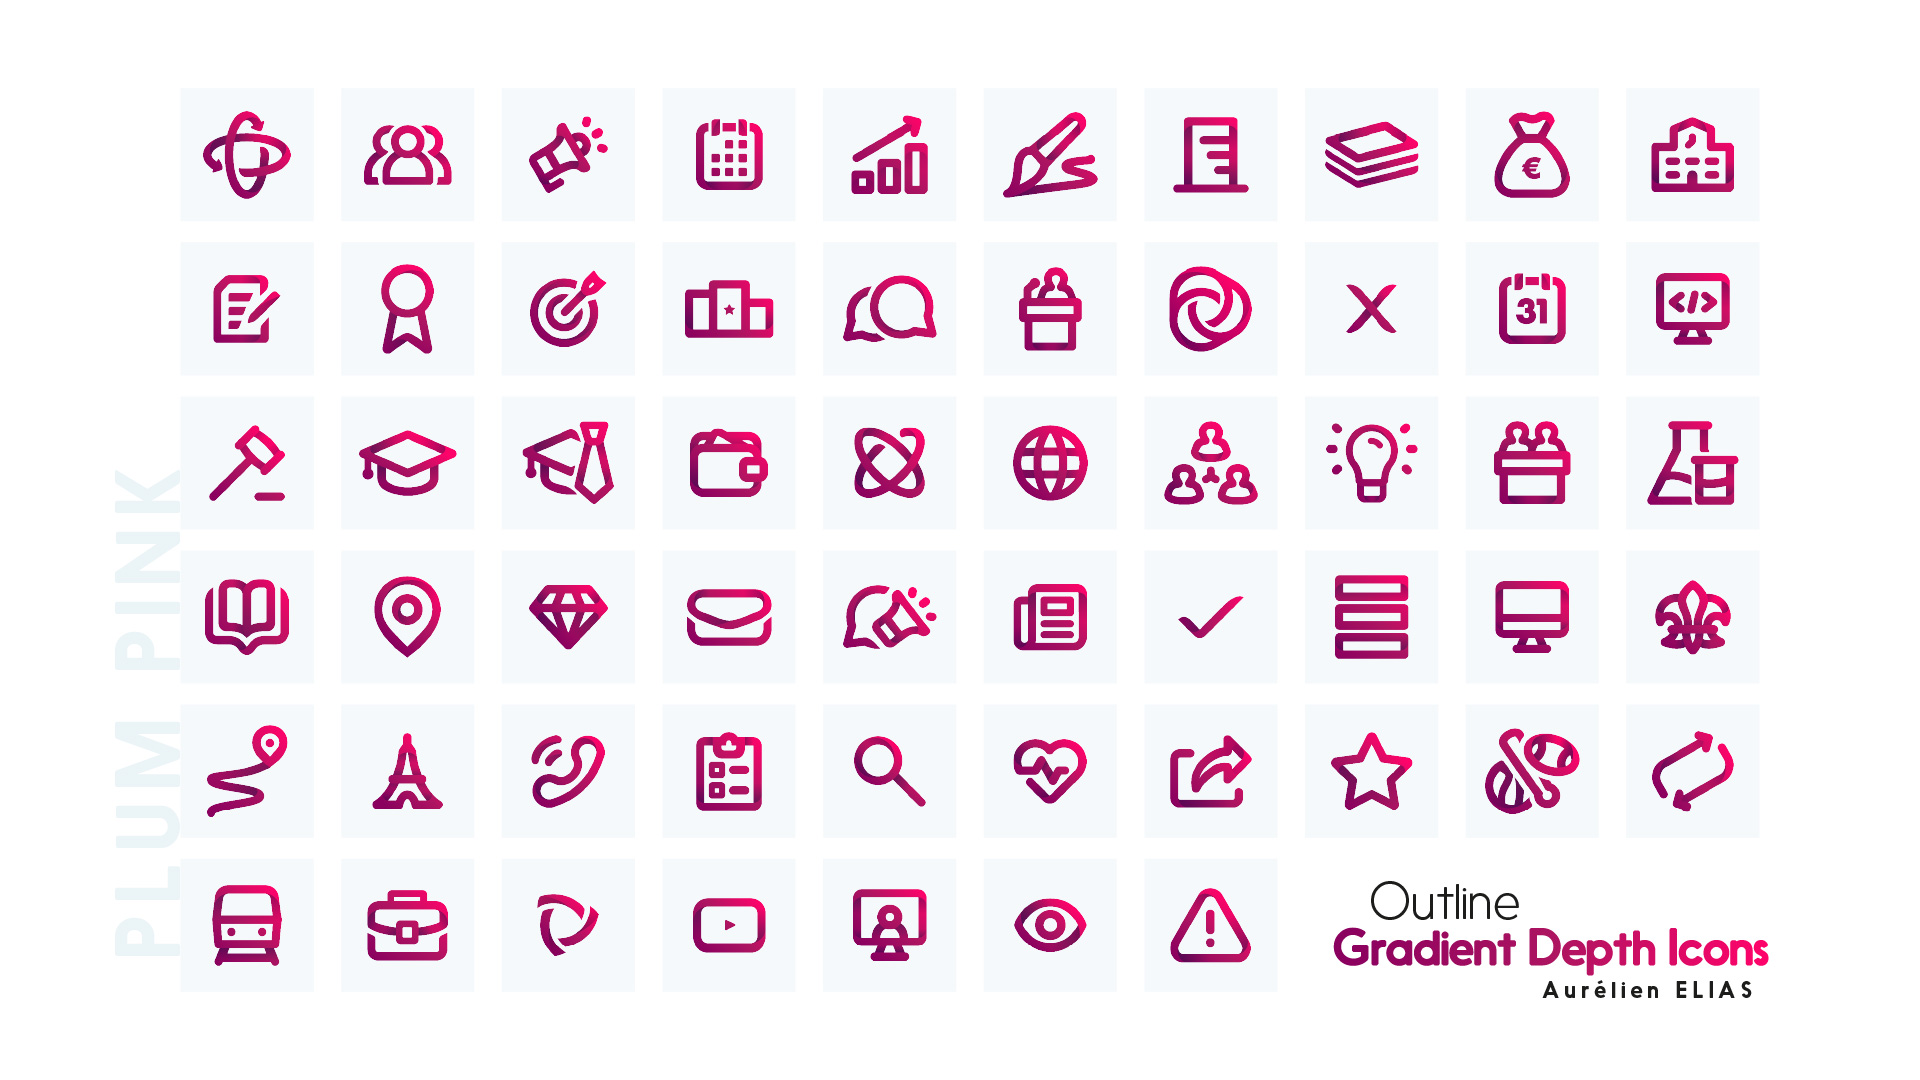 Yellow orange icons - Outline Gradient Depth Icons by Aurélien Elias